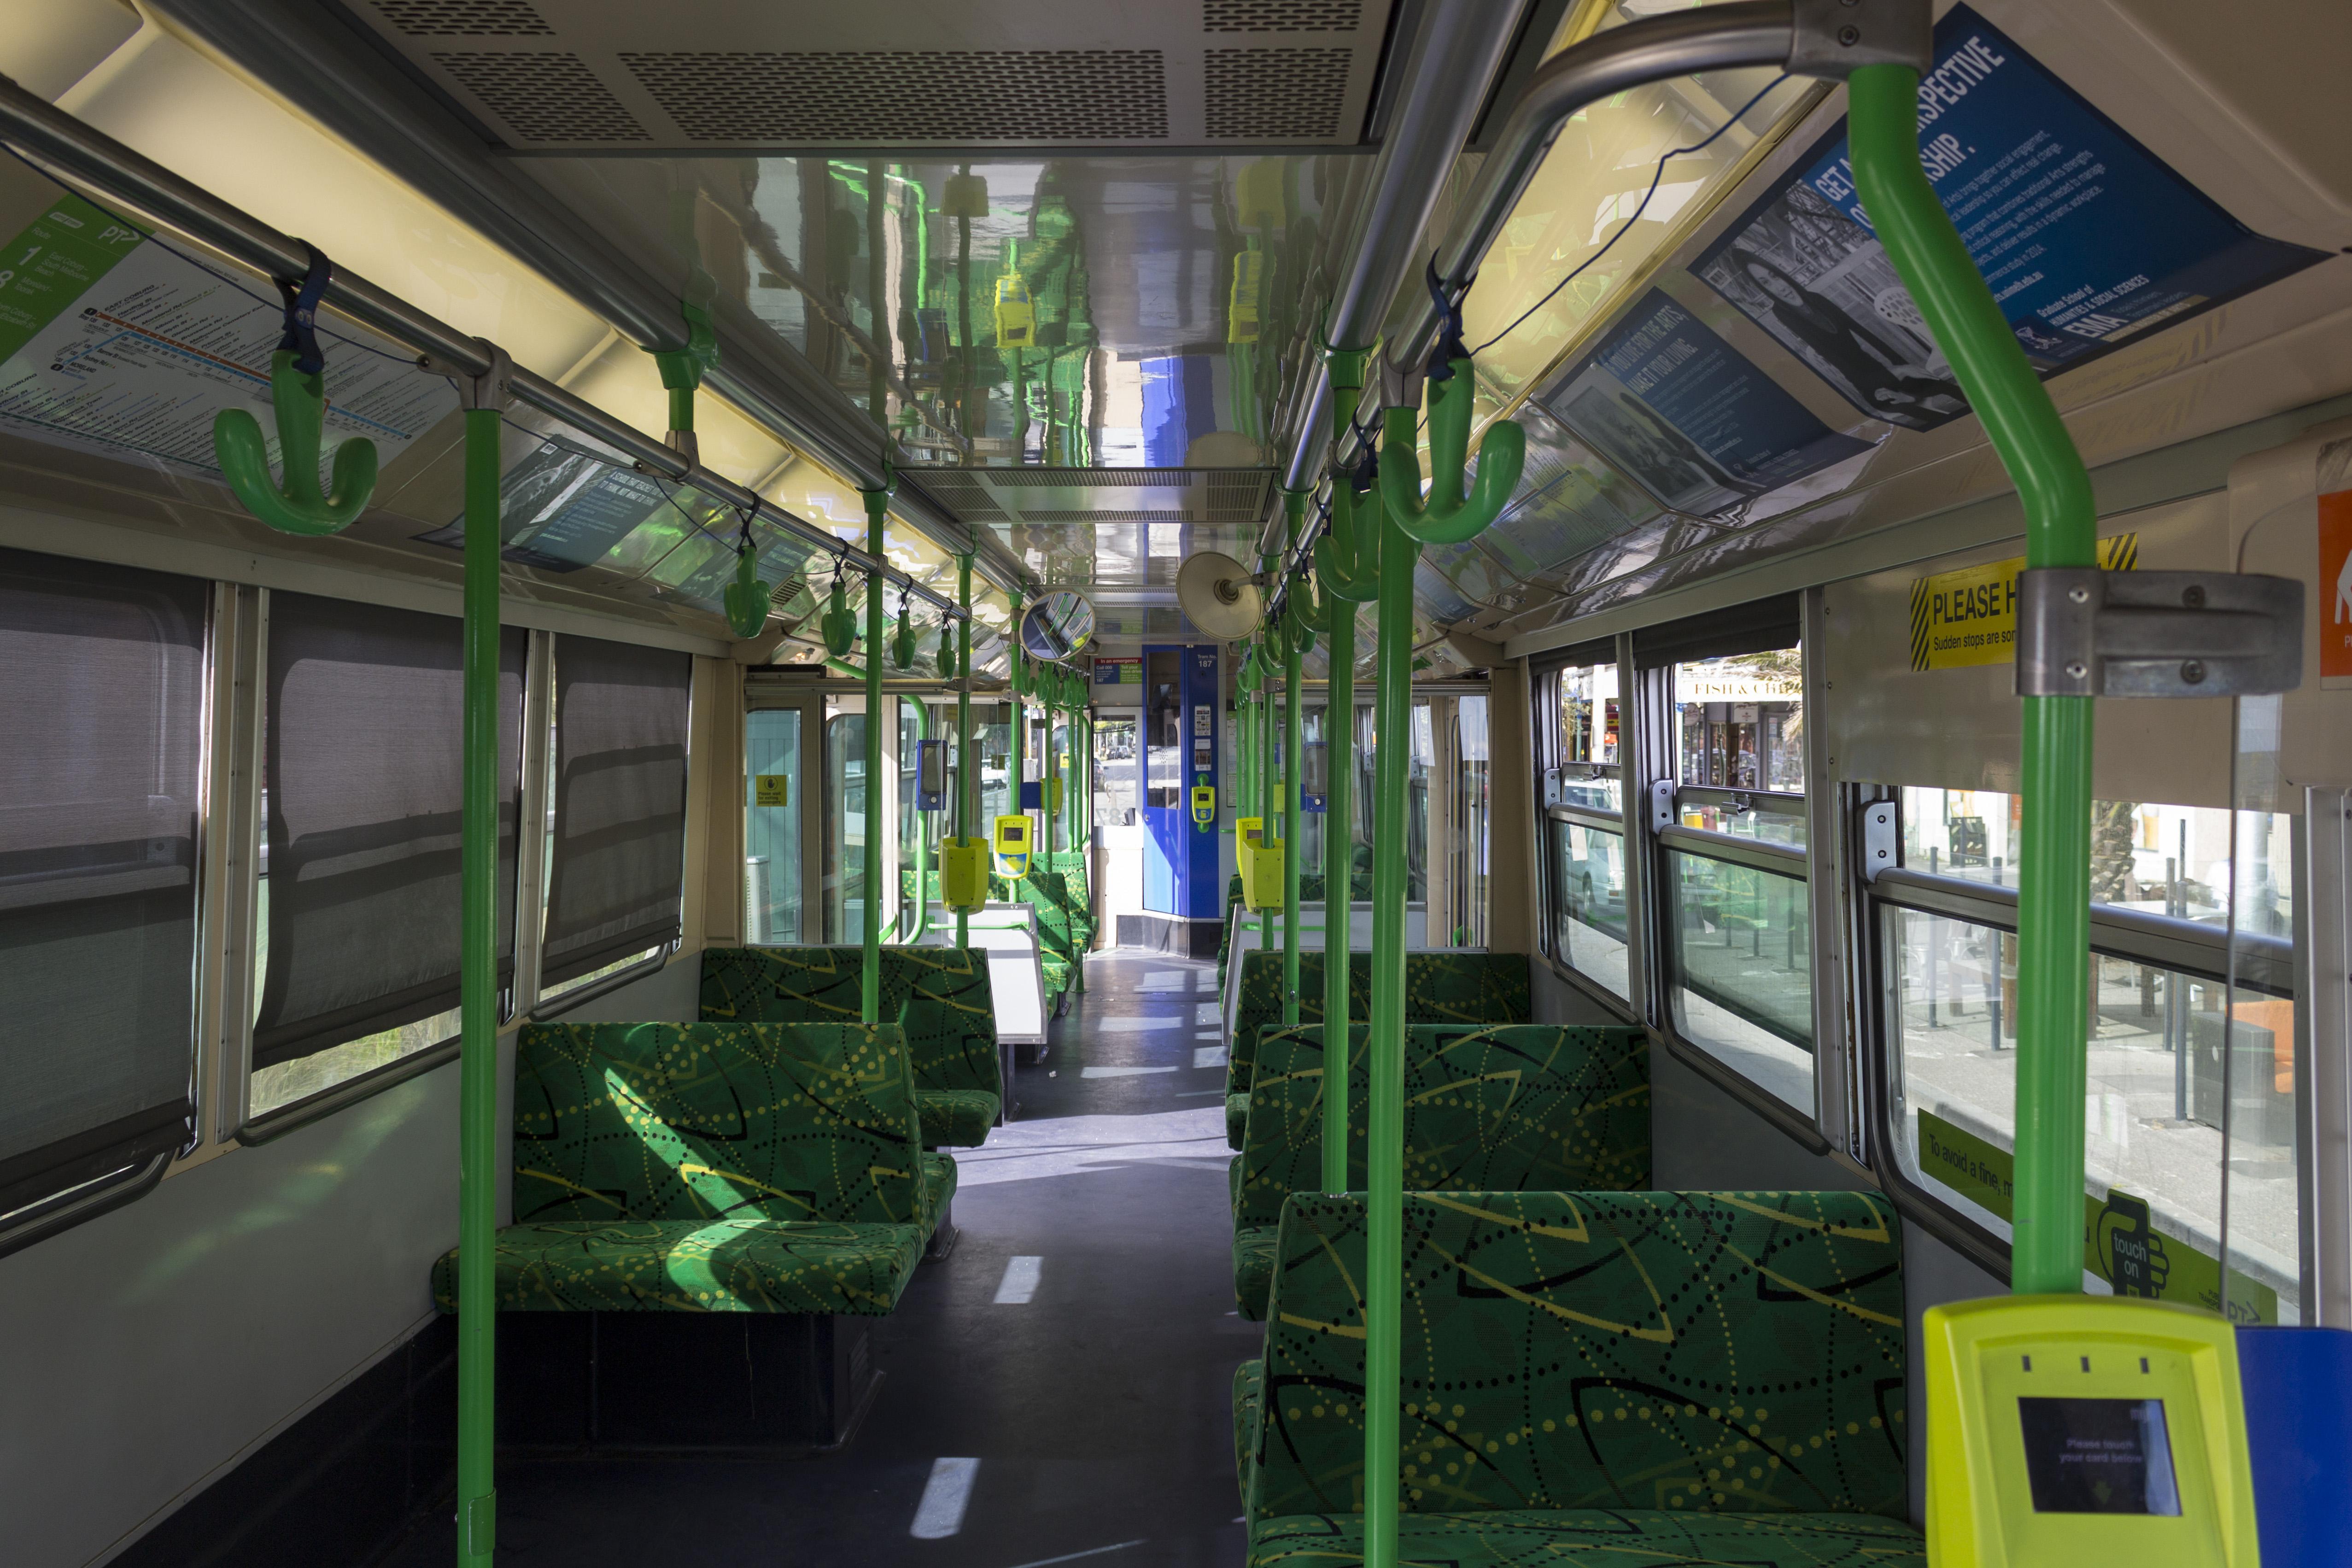 FileZ3 Class Melbourne Tram Interior 2013